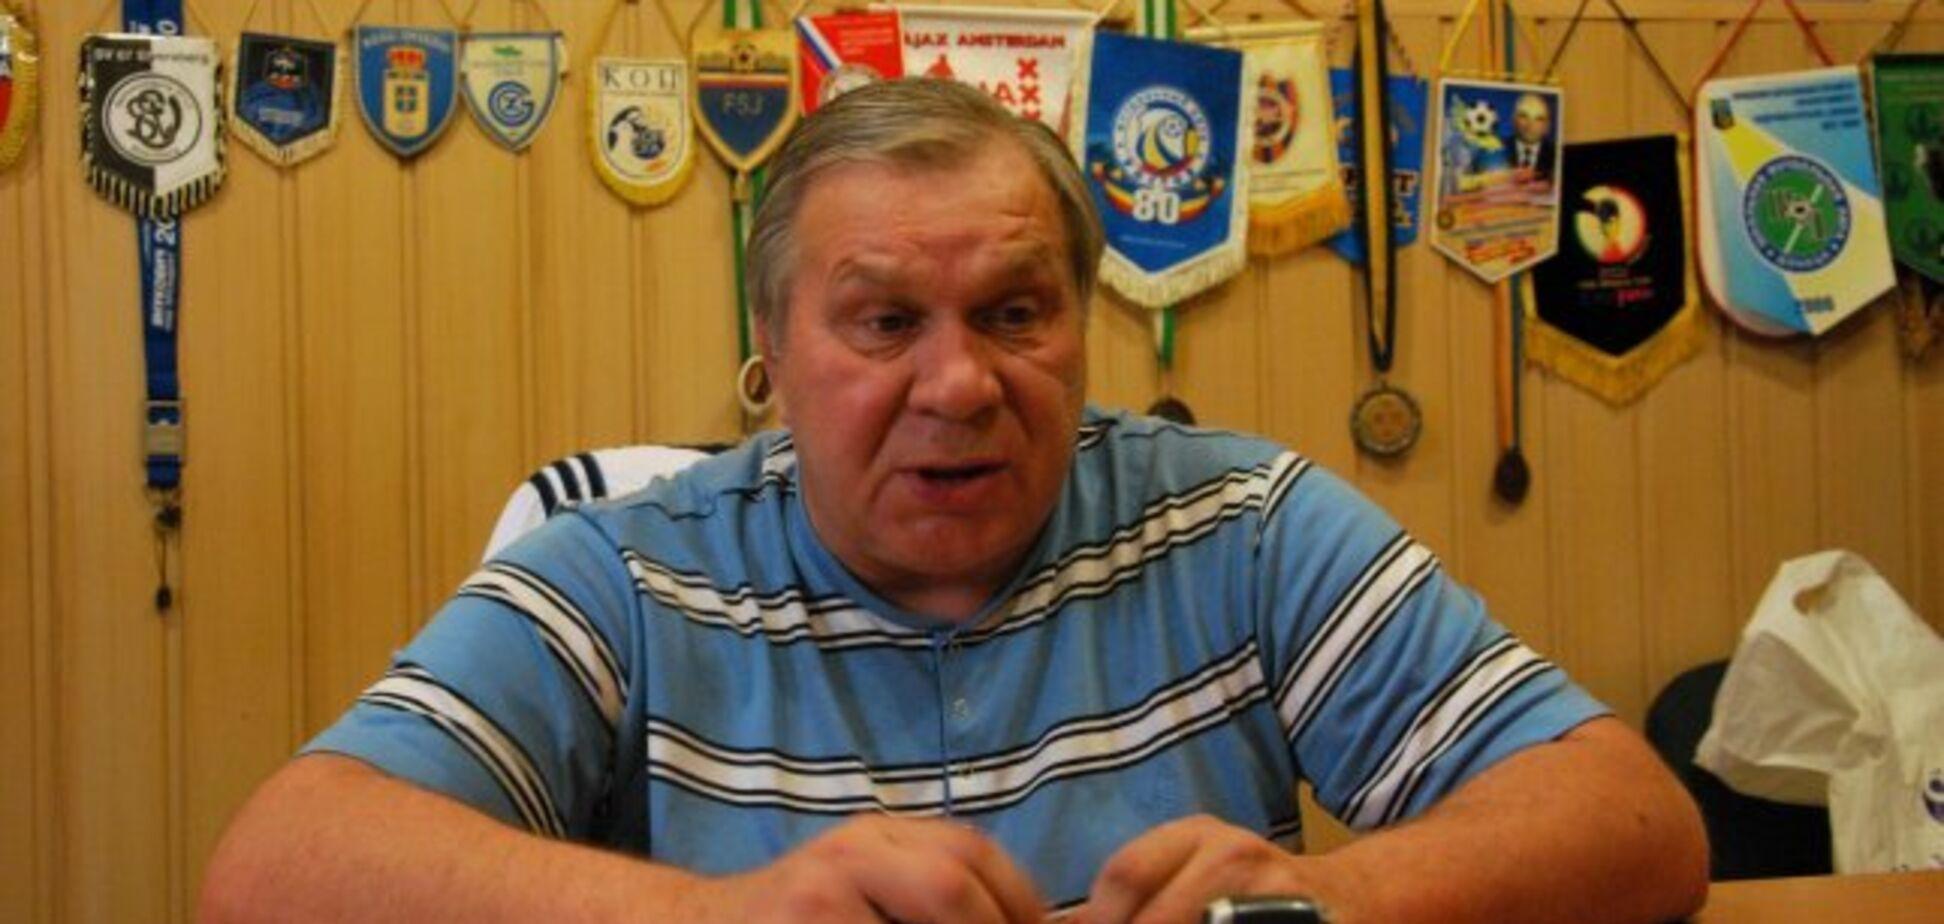 'Посмотрите на нас сейчас': легенда 'Шахтера' рассказал правду о 'ДНР'